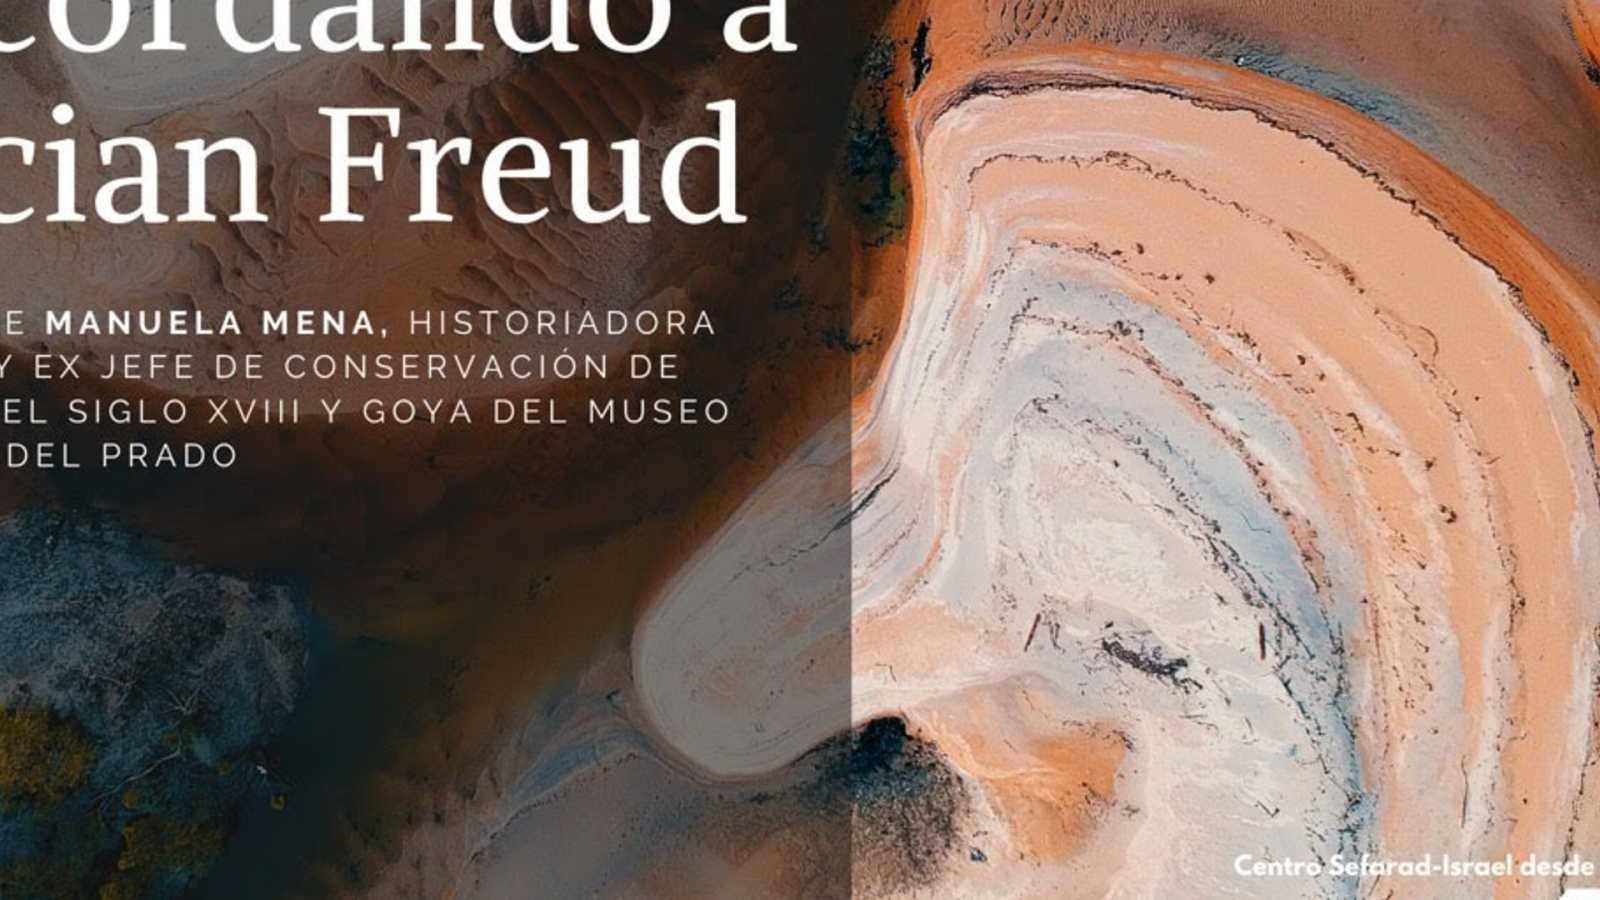 El mundo desde las Casas - Recordando a Lucian Freud - 03/06/20 - Escuchar ahora